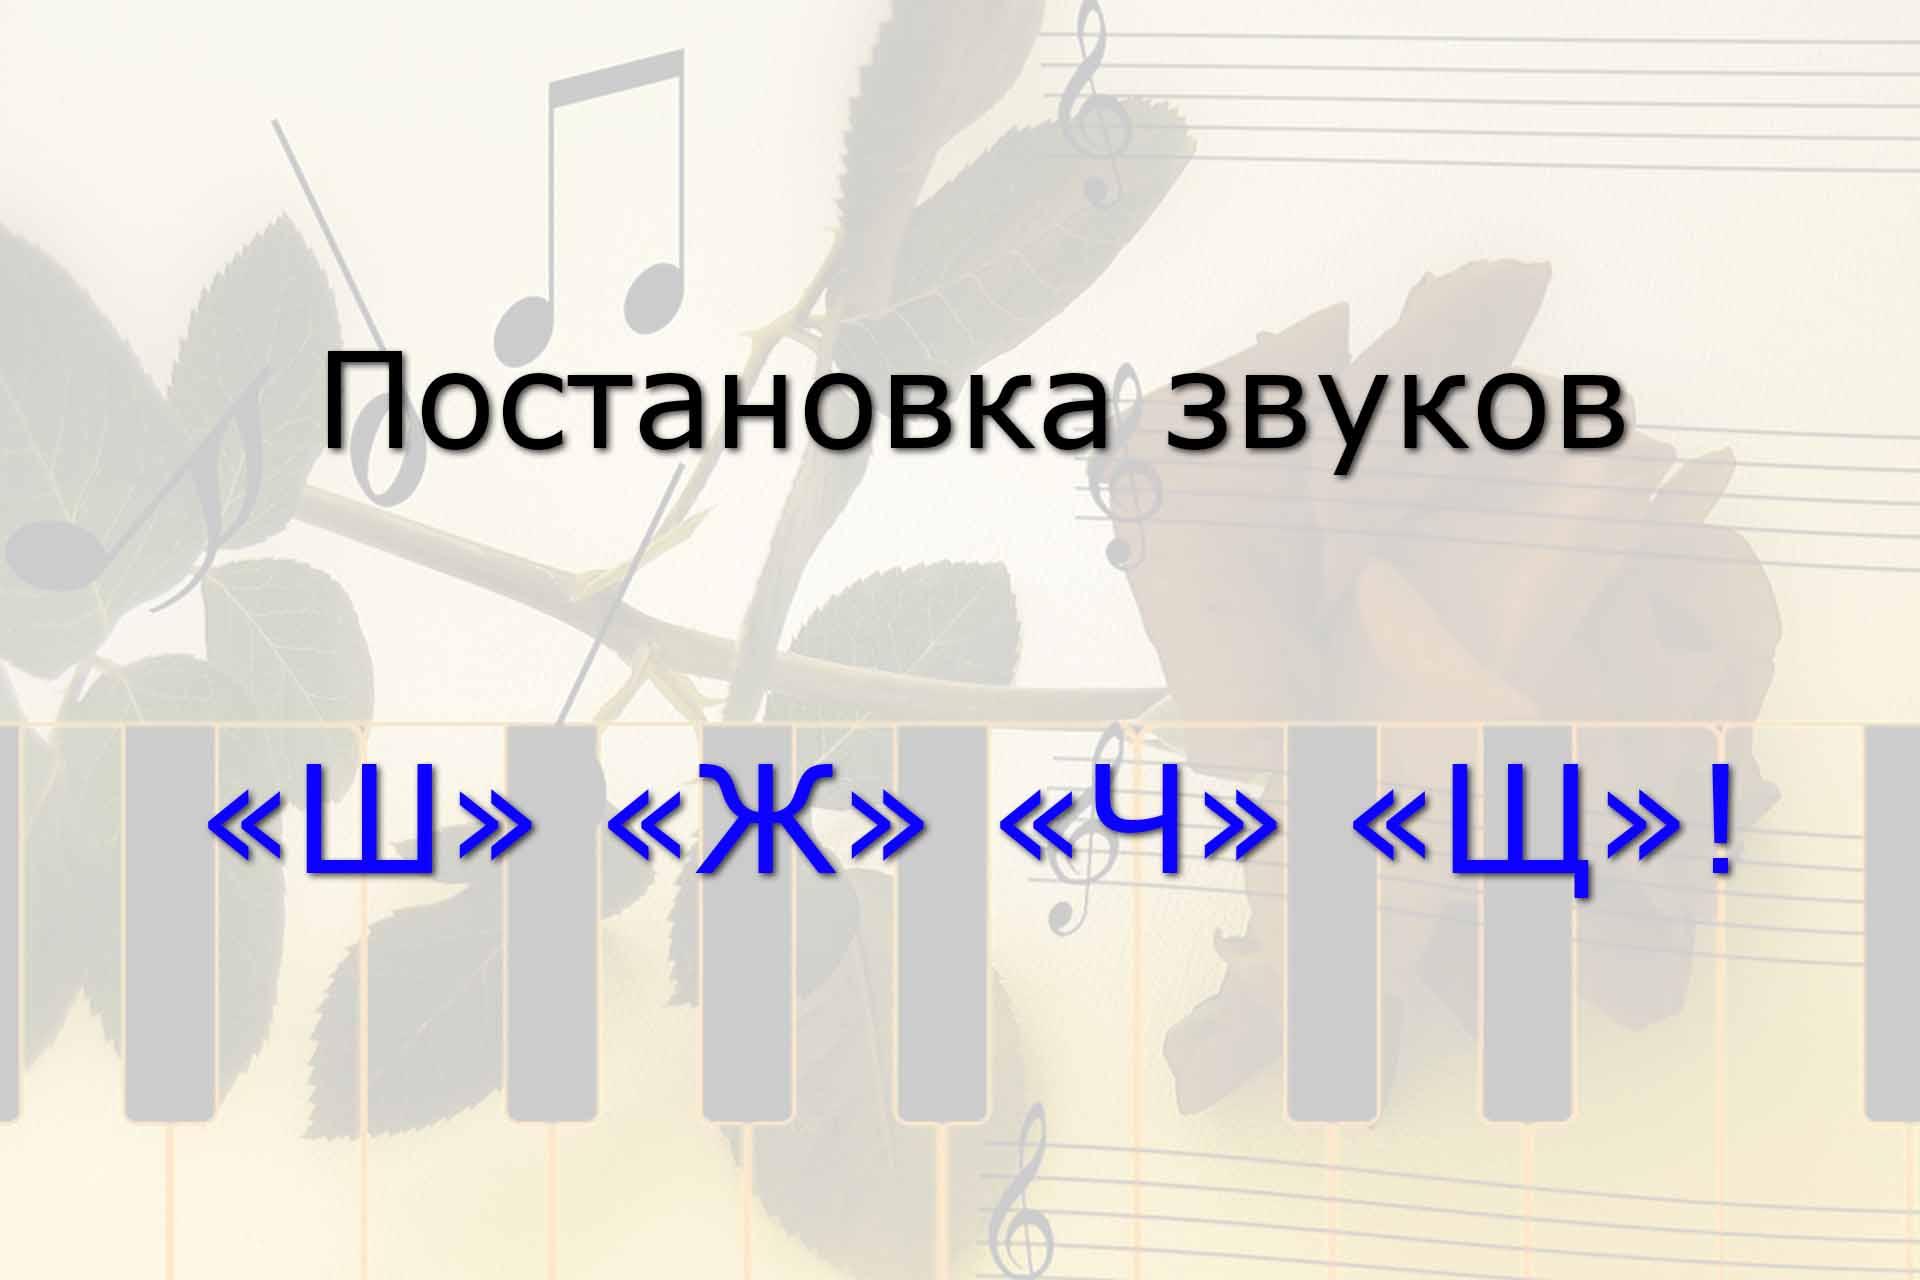 Вебинар постановка звуков Ш Ж Ч Щ